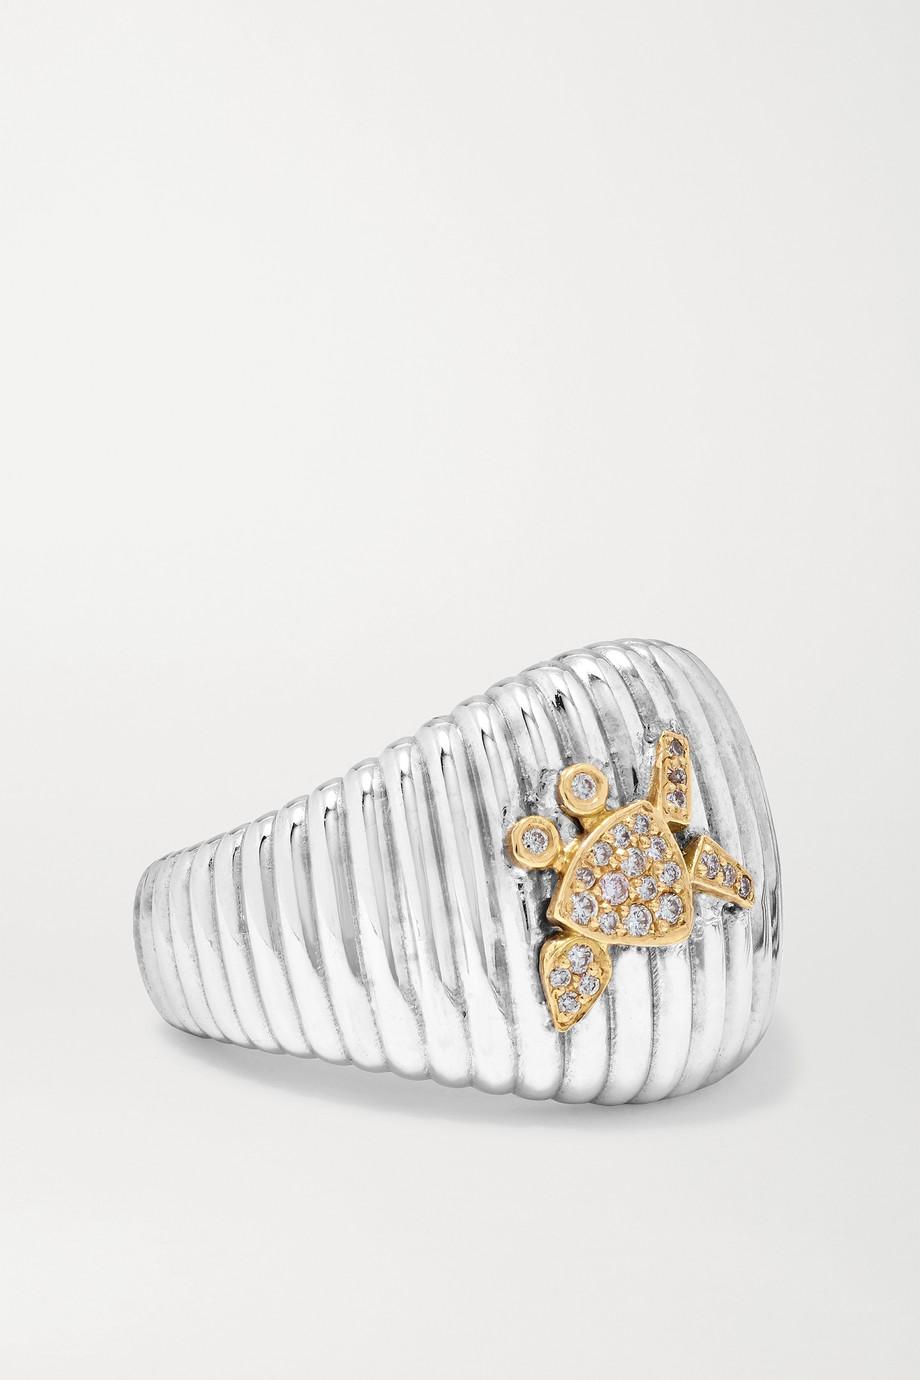 Yvonne Léon 18-karat white  and yellow gold diamond ring